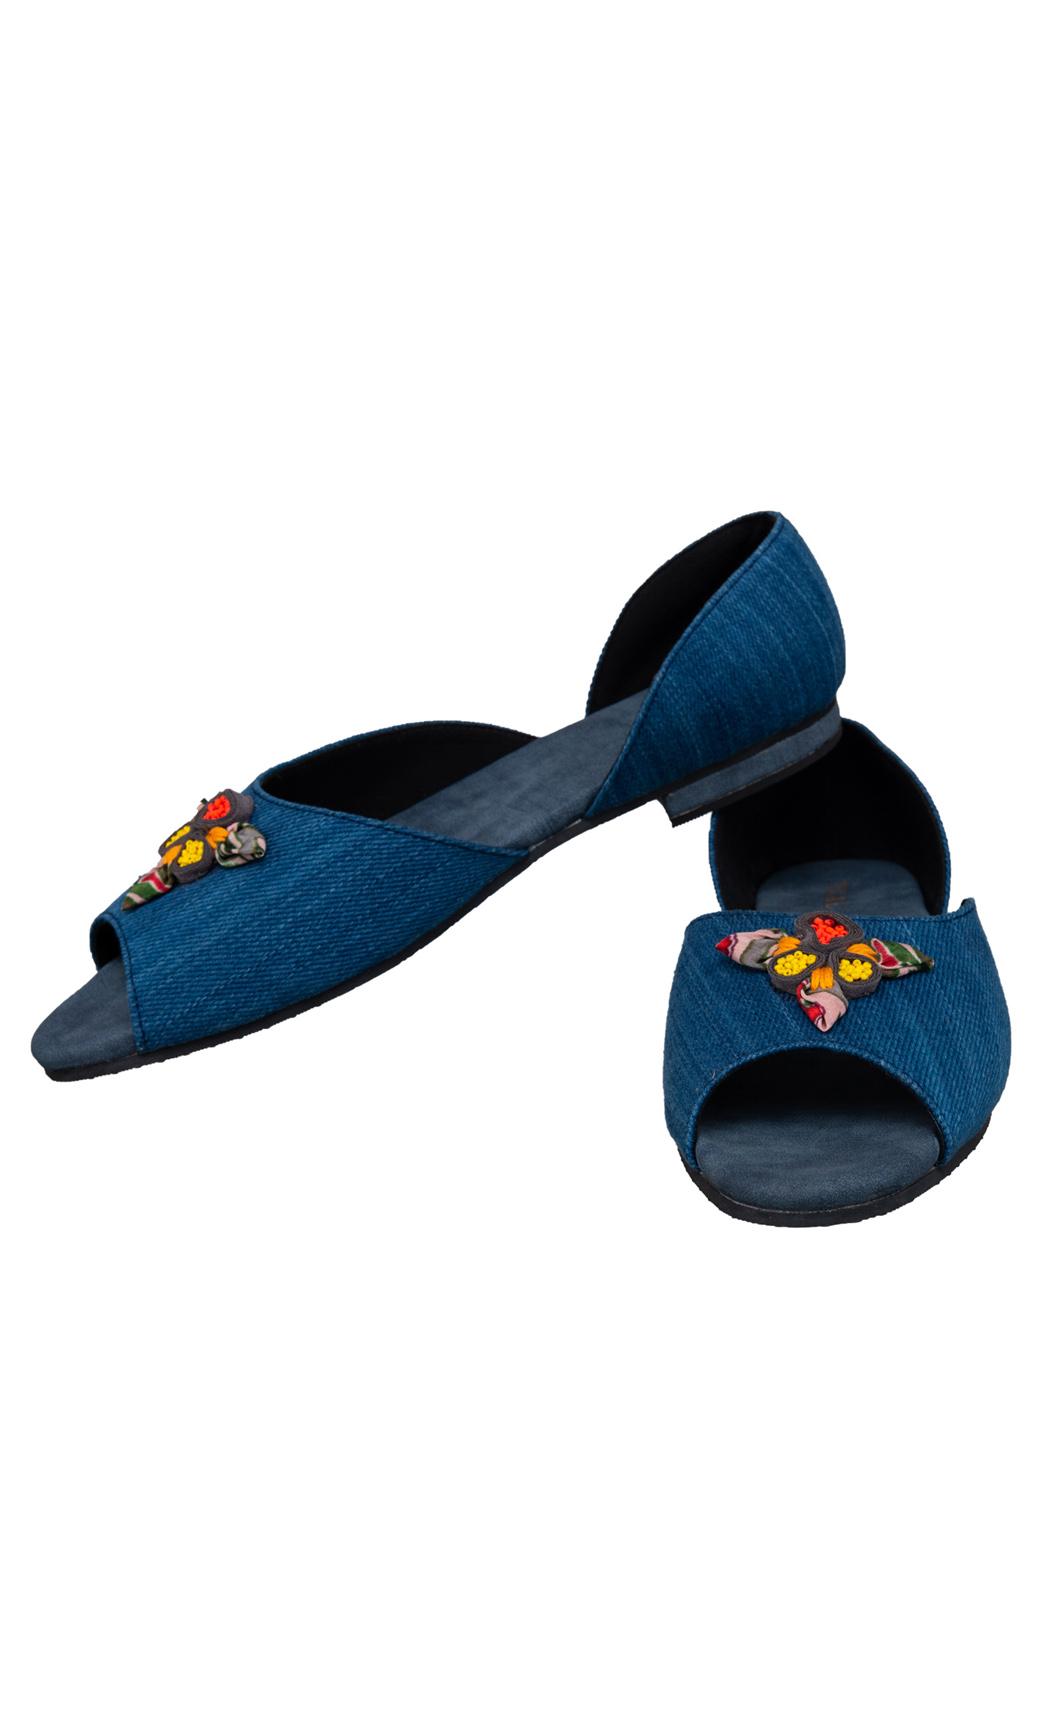 Blue Rosette Ballerinas - Buy Online